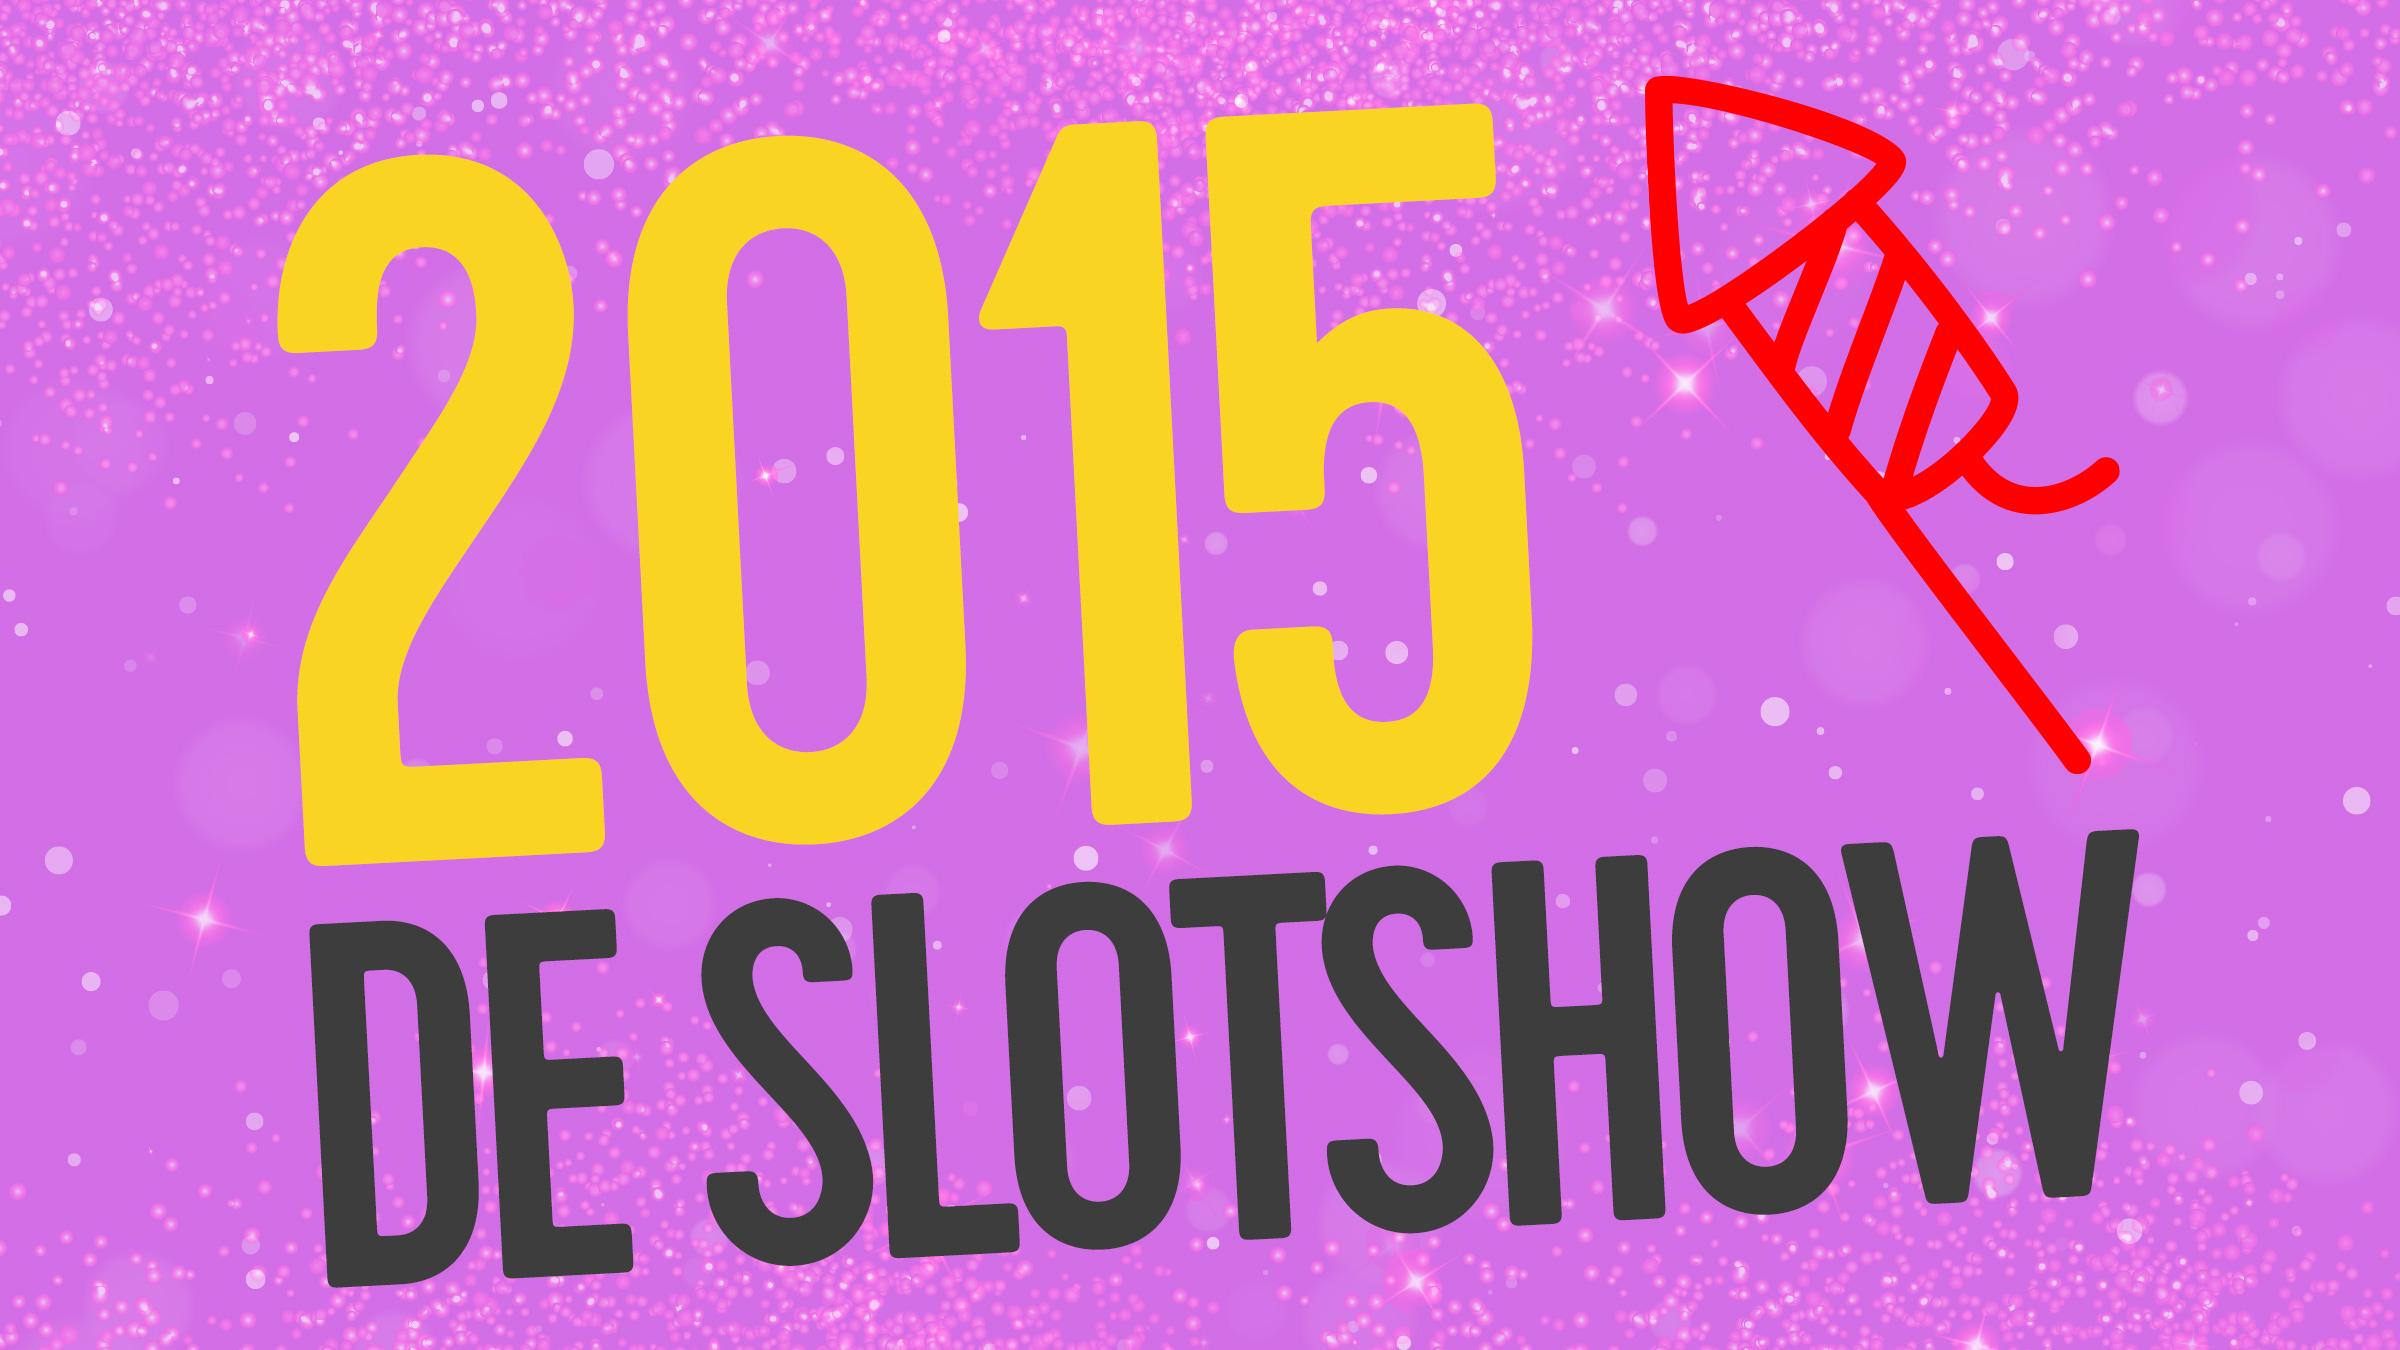 Q 16x9 2015 deslotshow